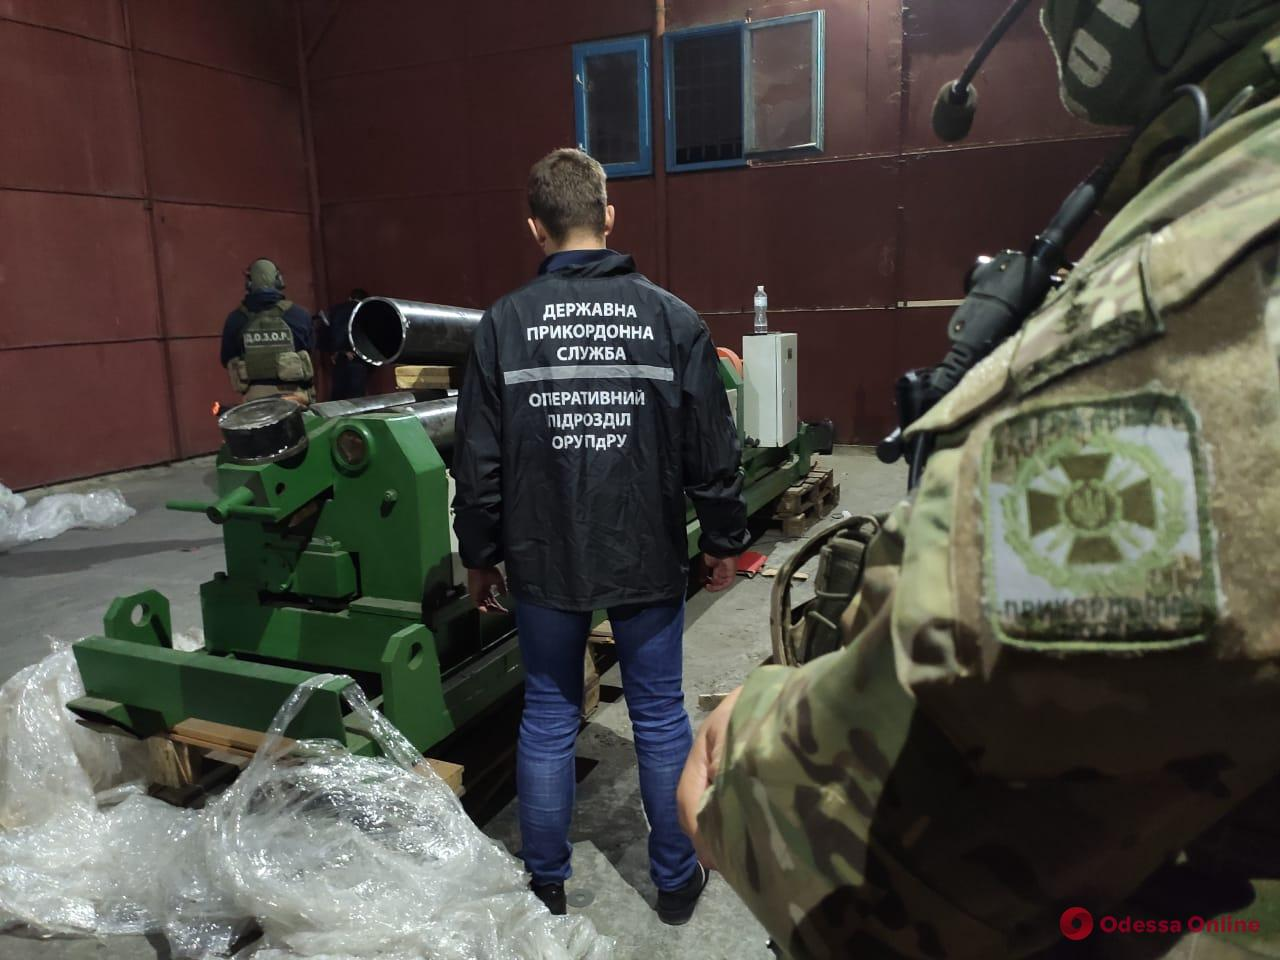 В Одессе задержали четырех граждан Израиля — у них обнаружили 120 килограммов кокаина (видео)